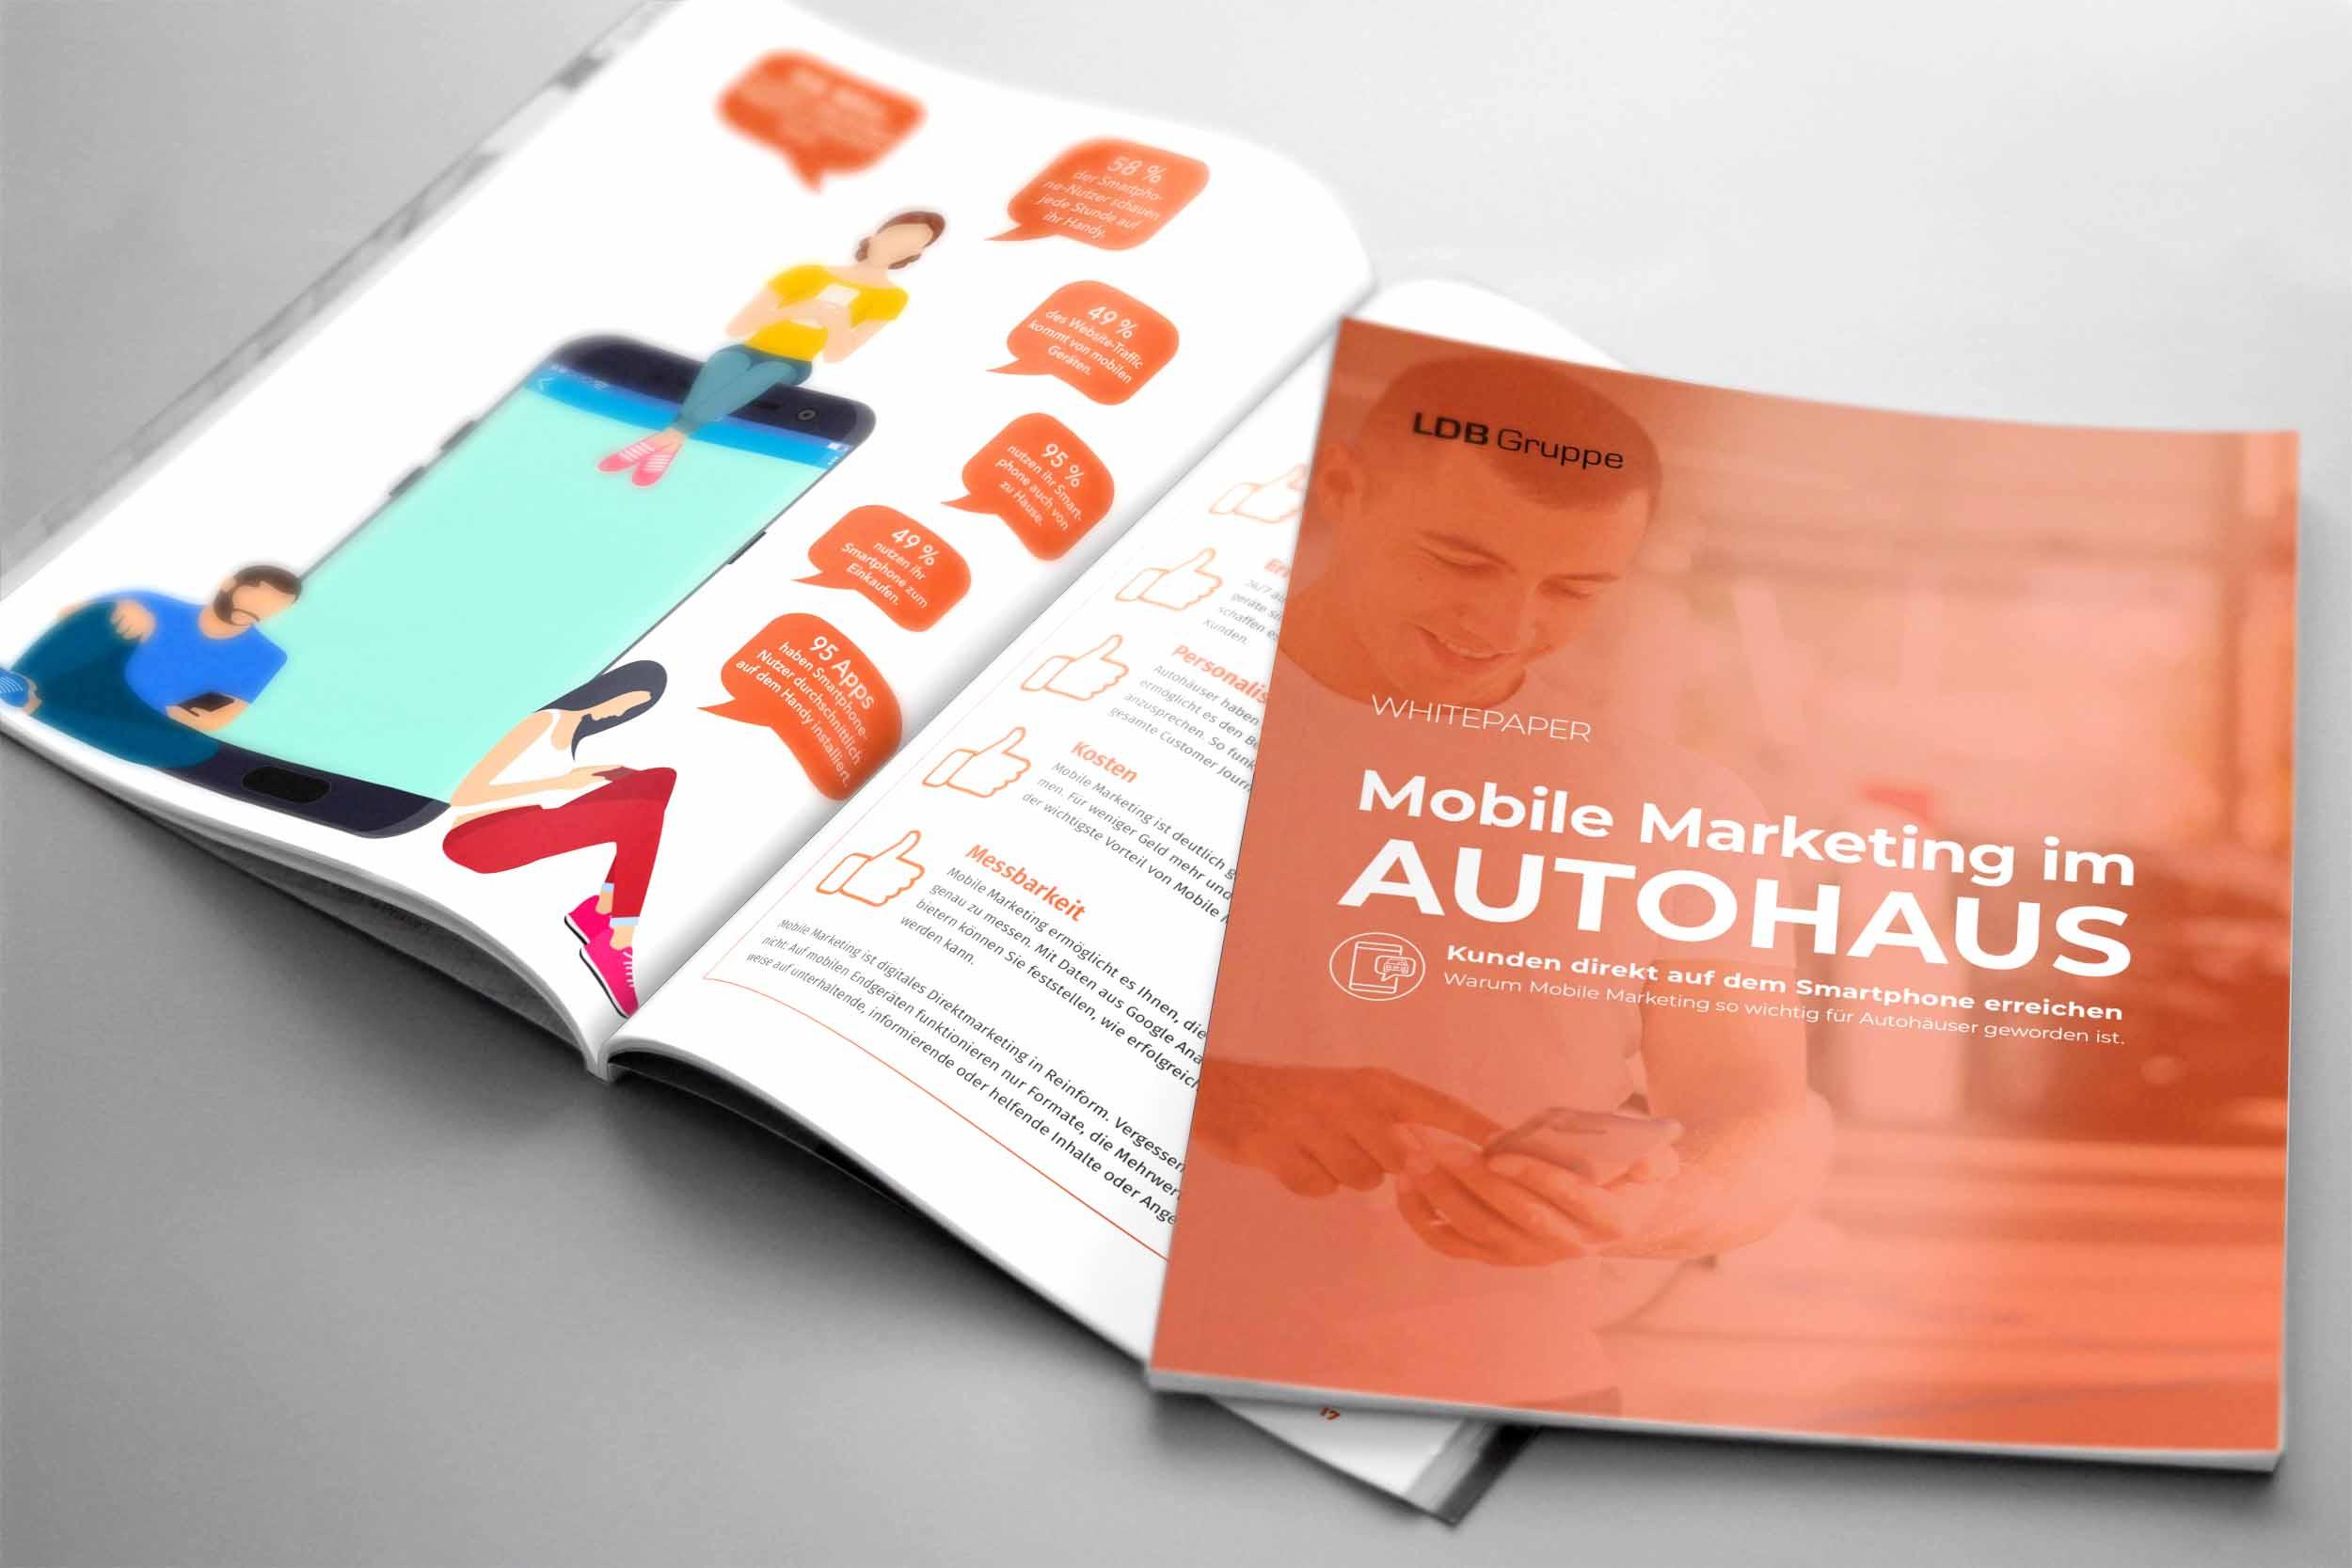 Kunden direkt auf dem Smartphone erreichen